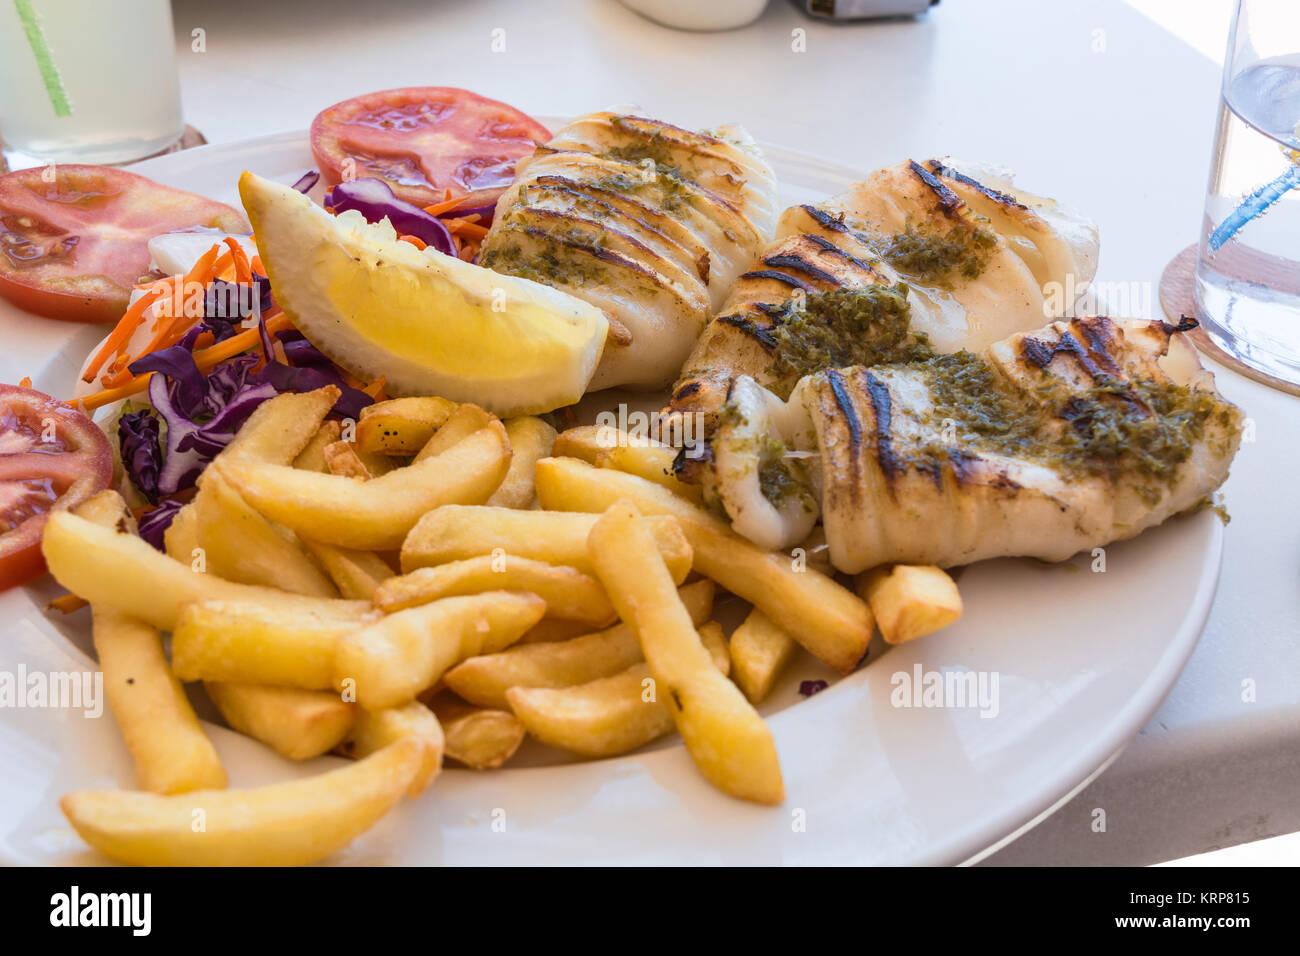 Gegrilleten Oktopus. Gegrilleter Tintenfisch serviert mit Pommes frittes und Zitronen und Salat. Stockbild